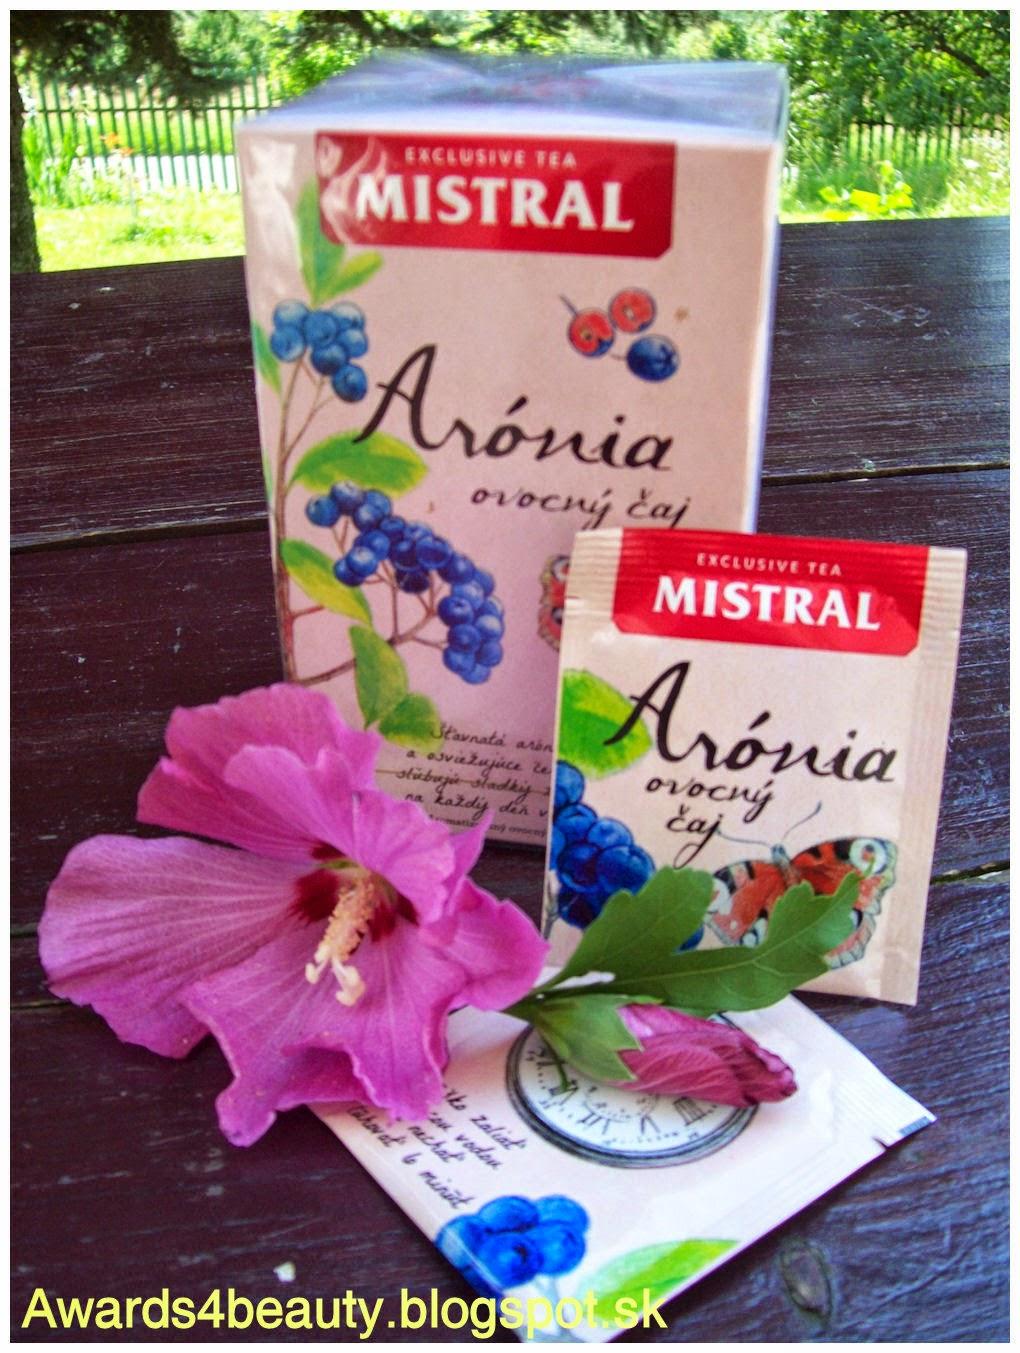 Ovocný čaj Mistral z arónie v krásnom obale s kreslenými detailami.